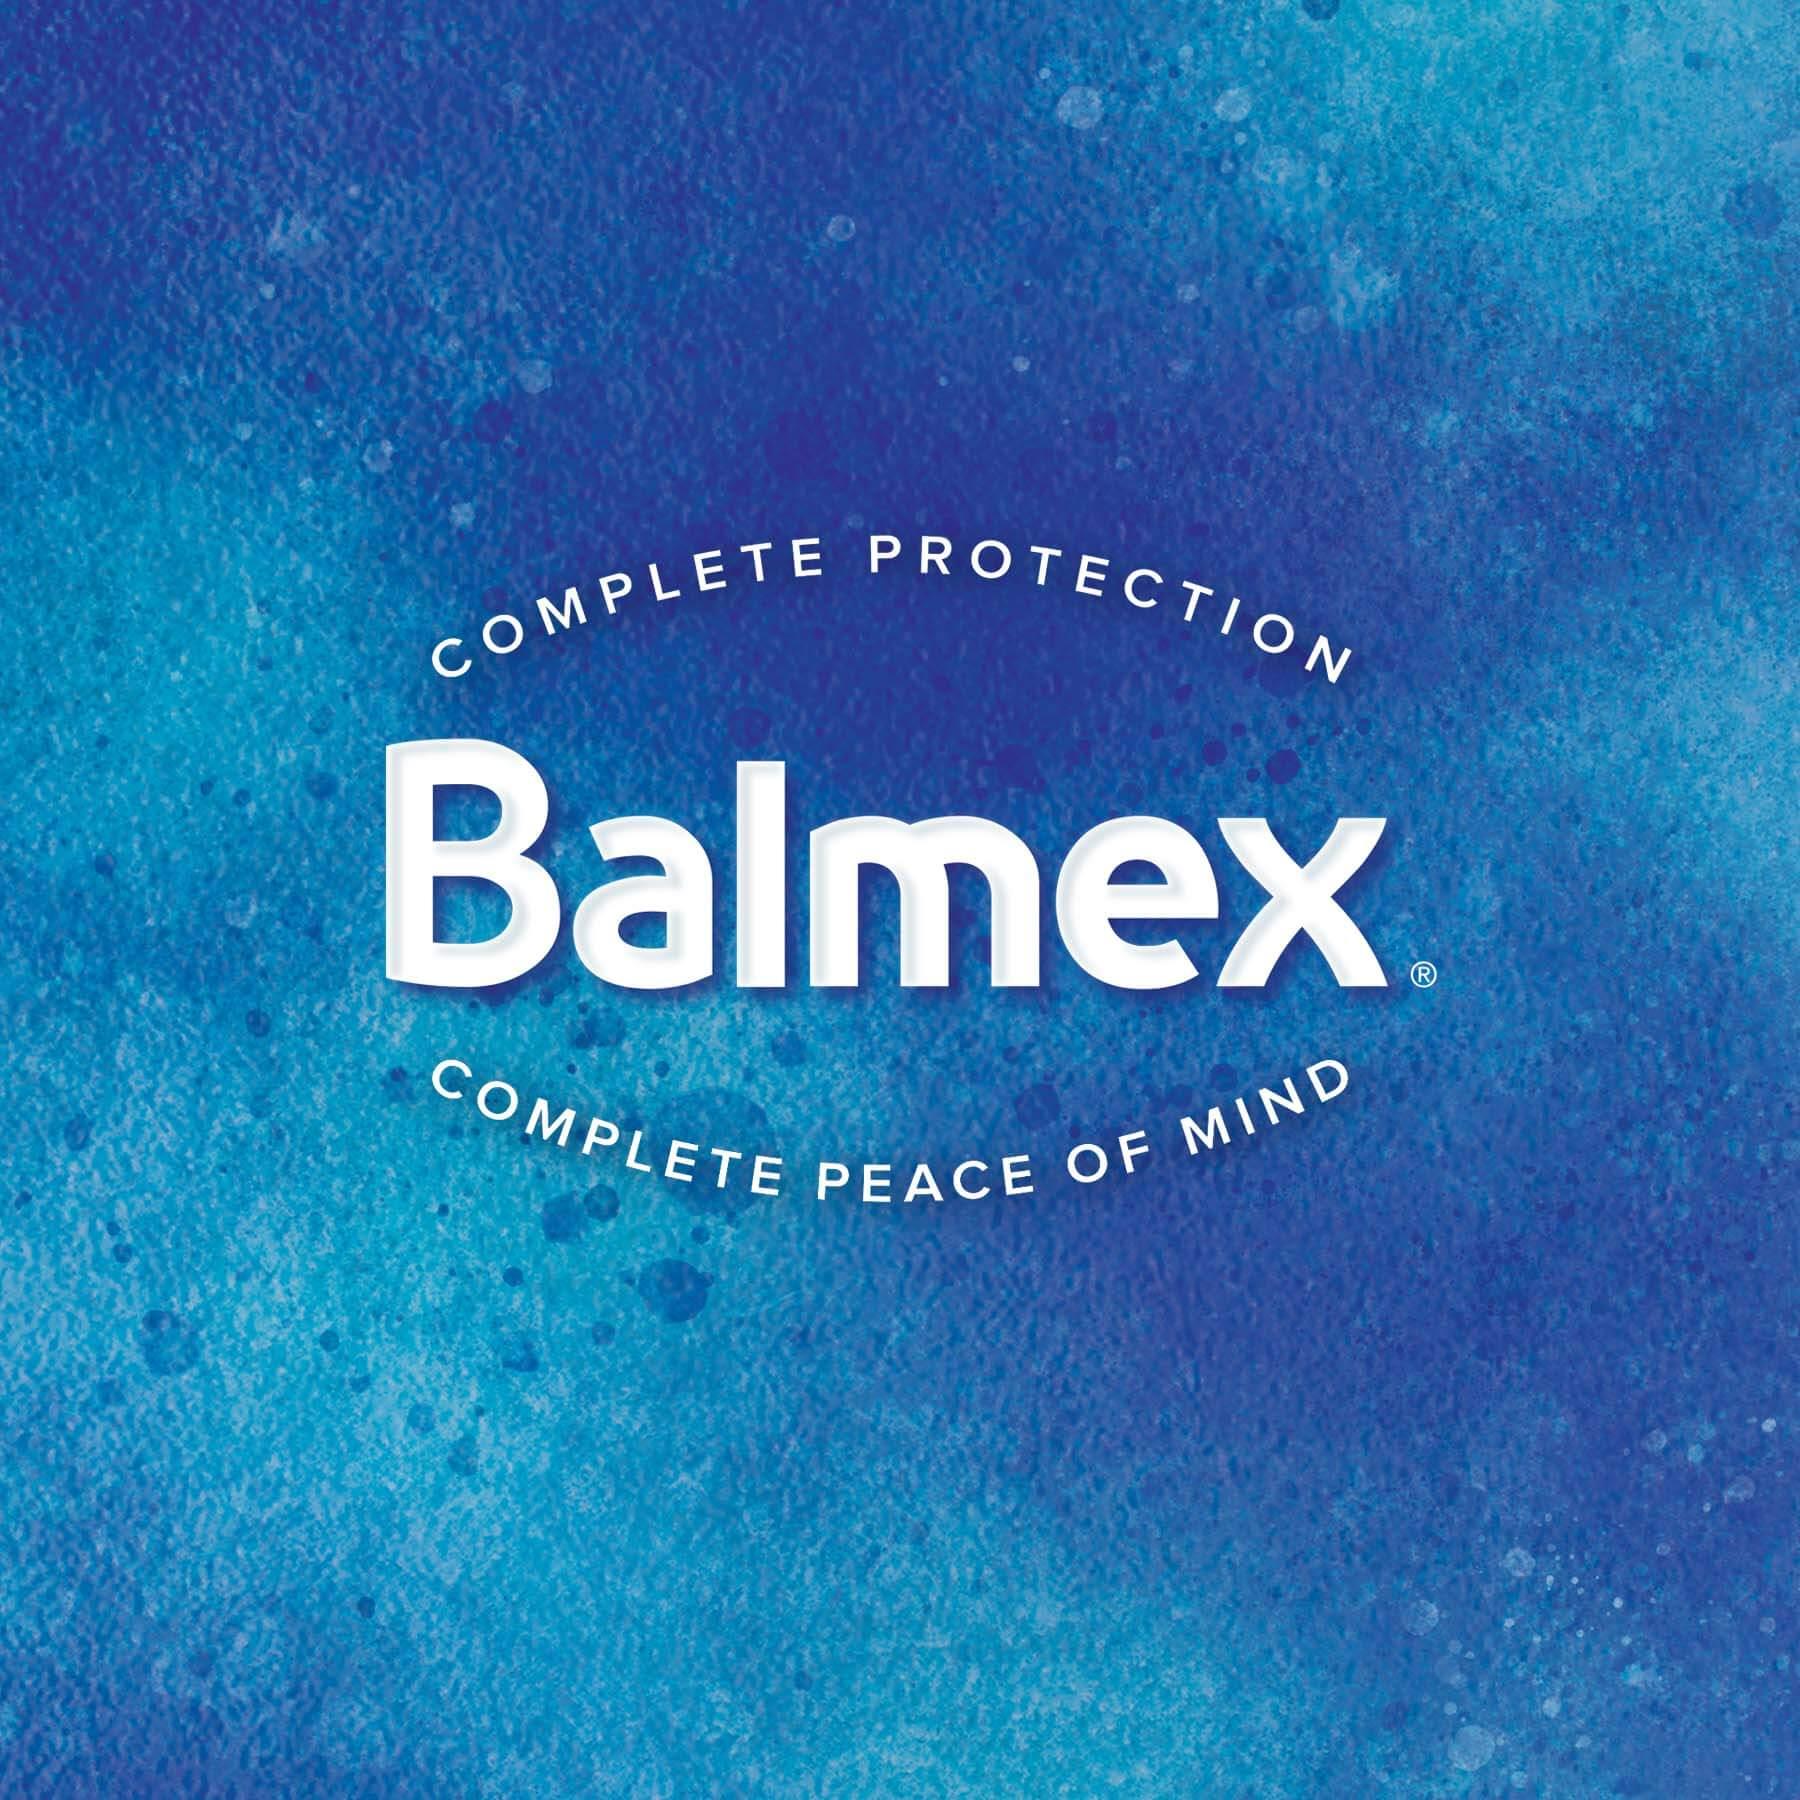 Balmex Baby Logo